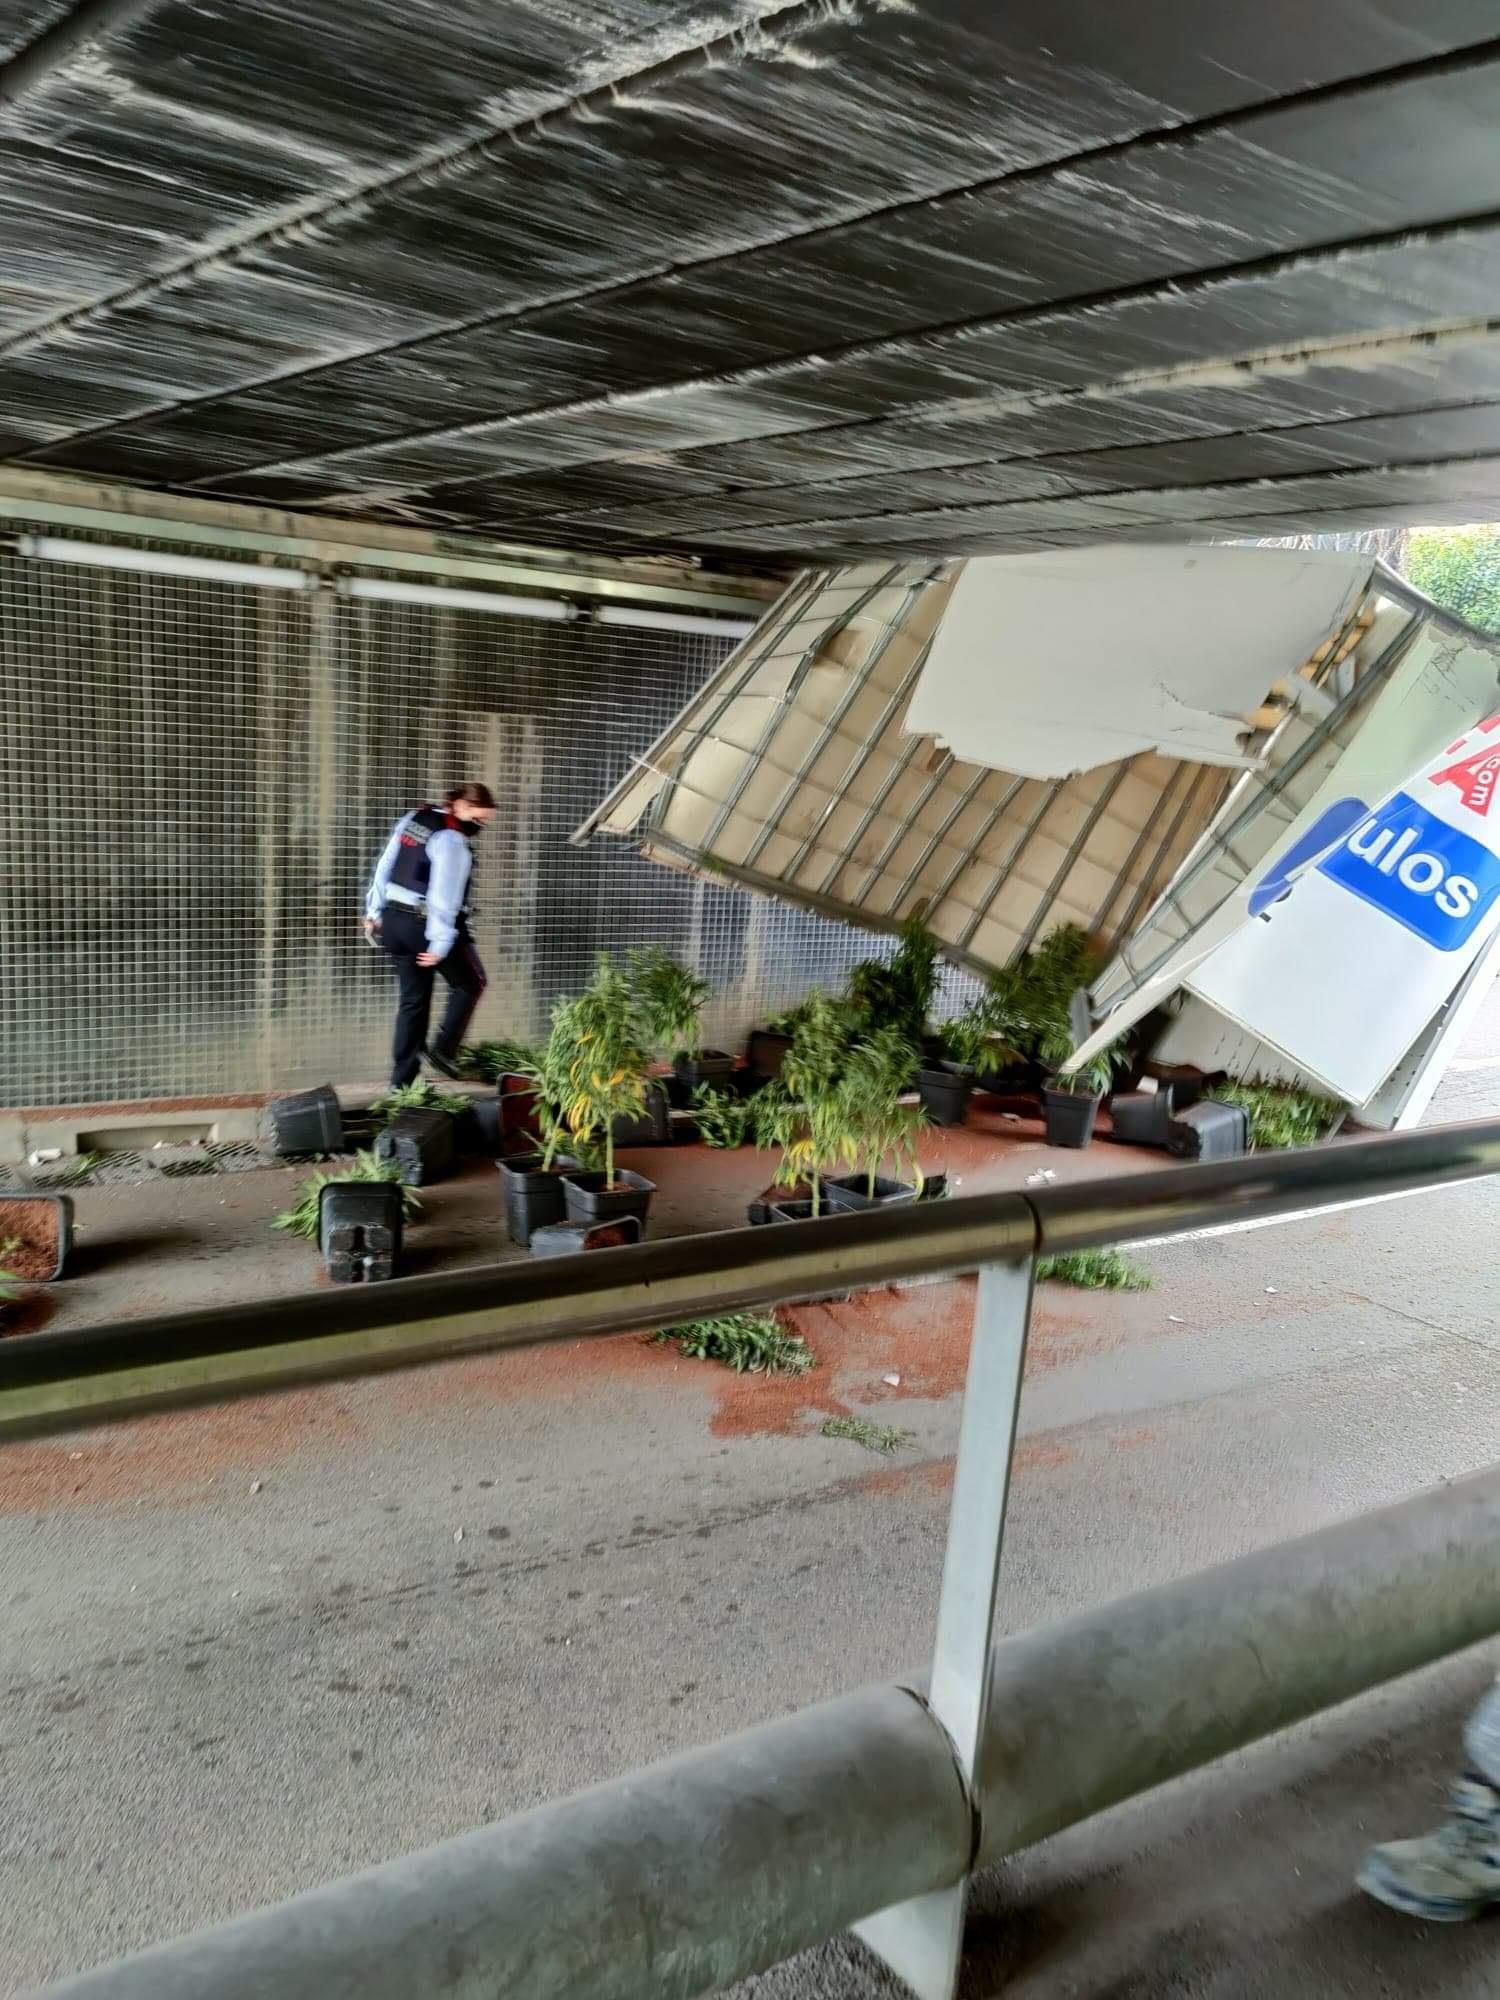 Cannabis-renversé-camion-pont-accident